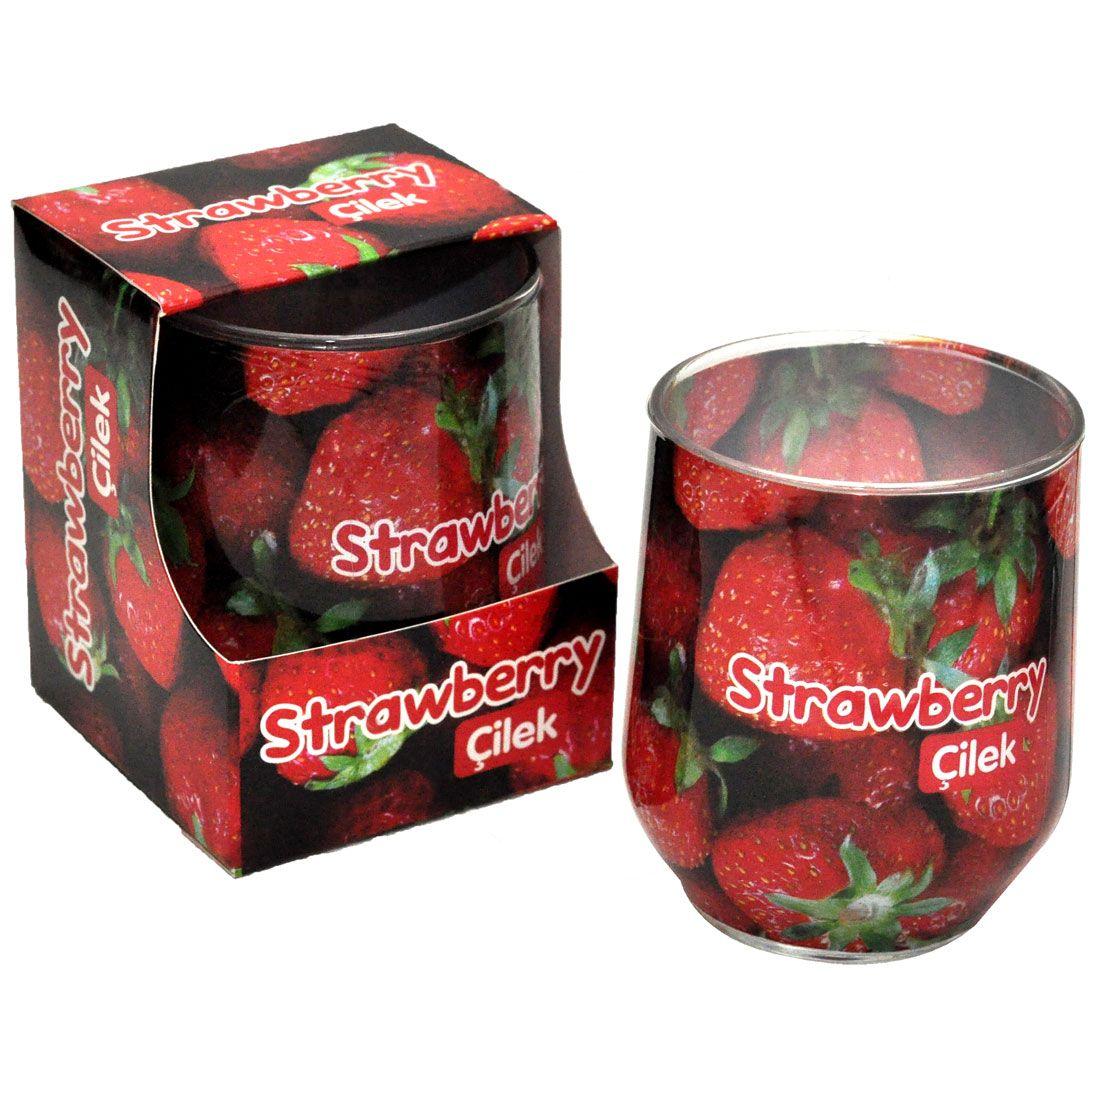 Cilek Kokulu Bardak Mum Tekli Satilmaktadir Kavanoz Olcusu Capi 6 Cm Yuksekligi 14 5 Cm Dir Cilek Cilekkokusu Okyanusesintis Strawberry Jar Condiments